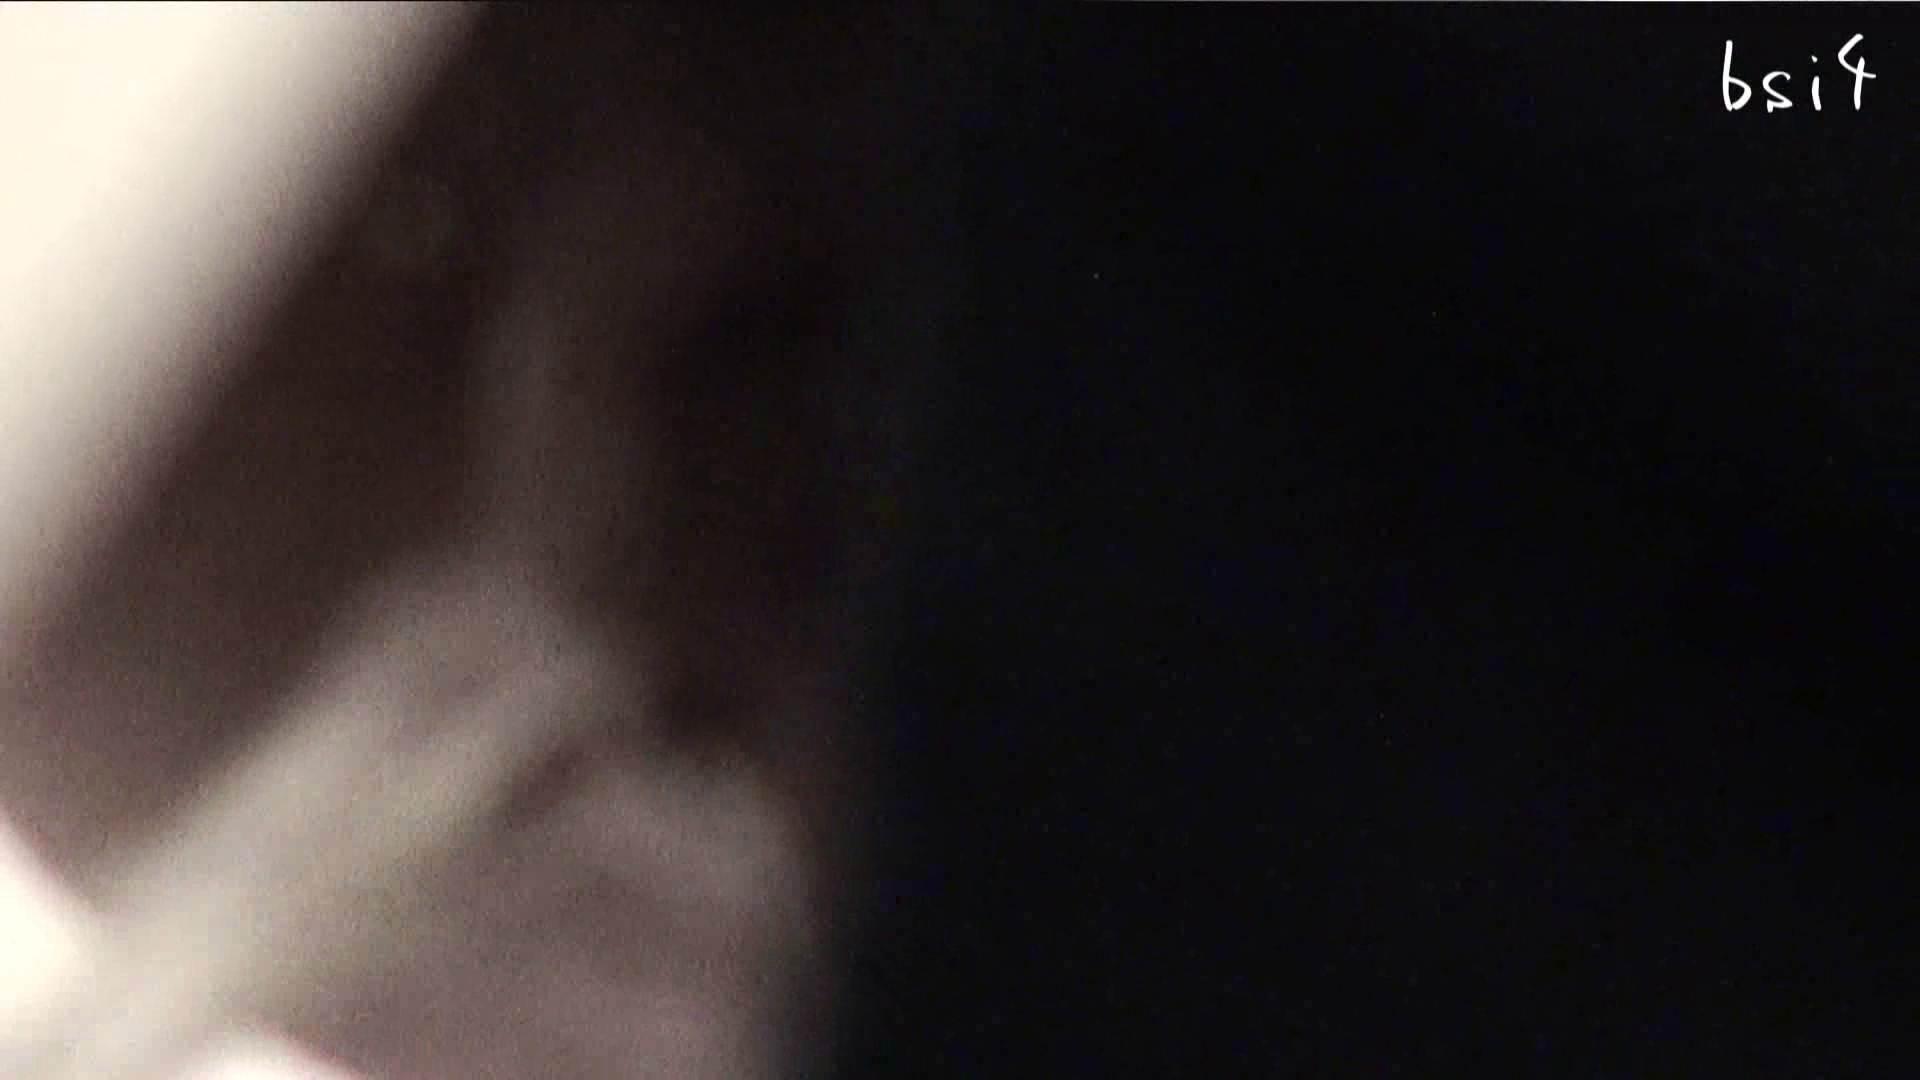 ナースのお小水 vol.004 ナース | OLヌード天国  99PIX 83